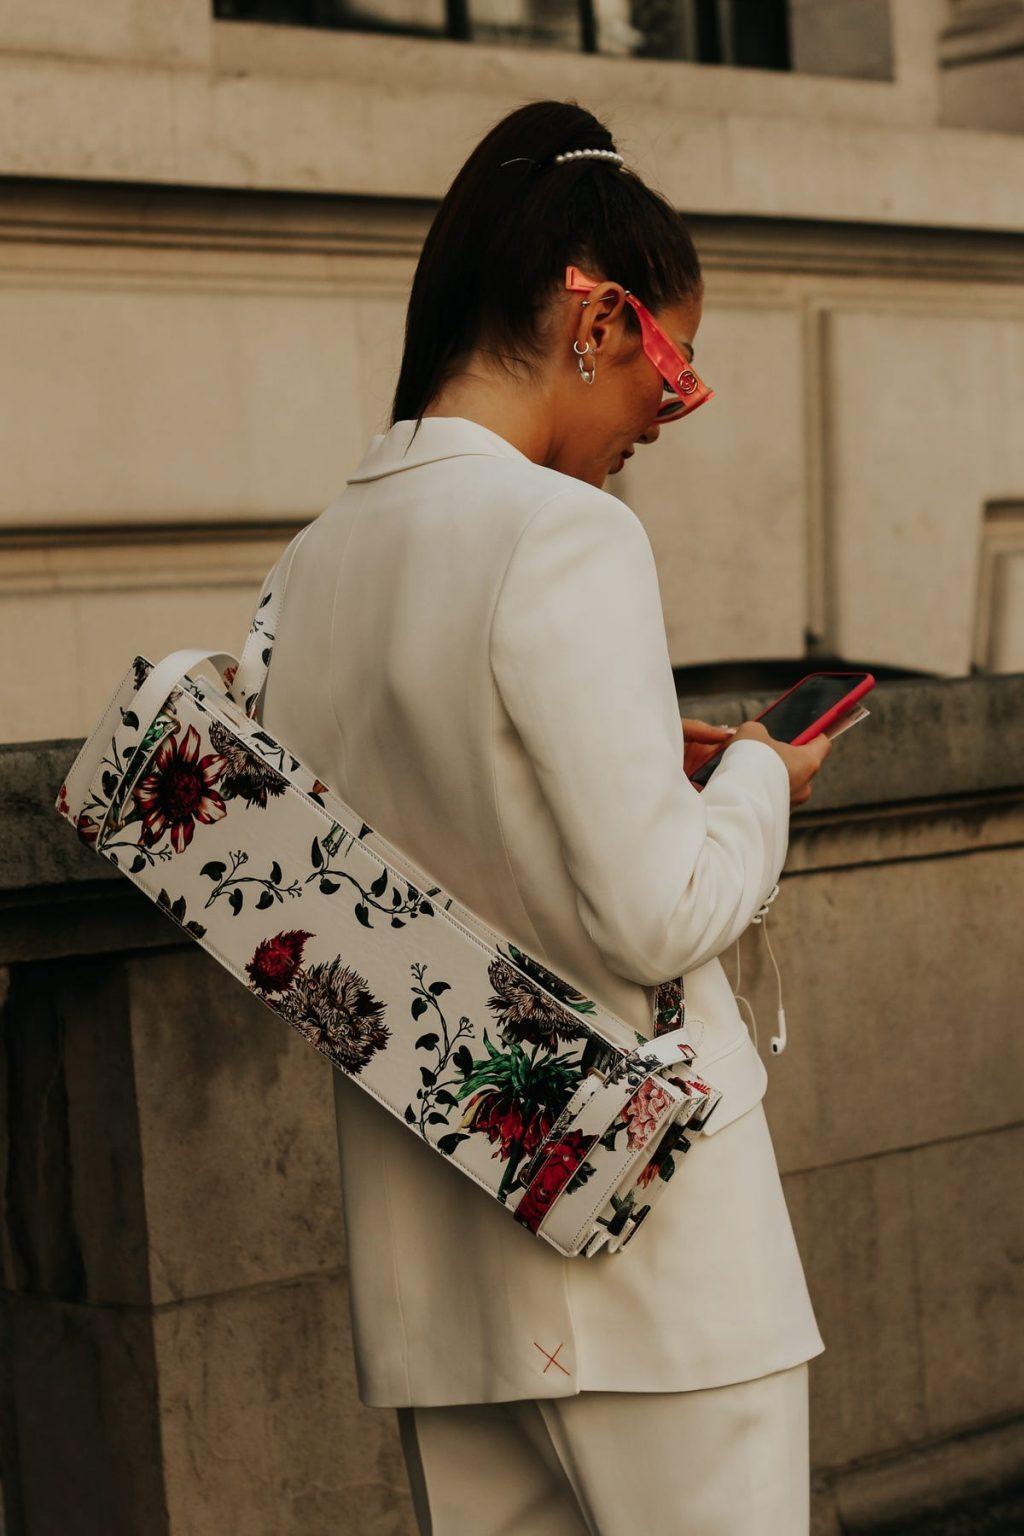 tạo điểm nhấn cho trang phục màu sắc trung tính bằng phụ kiện hoạ tiết hoa.